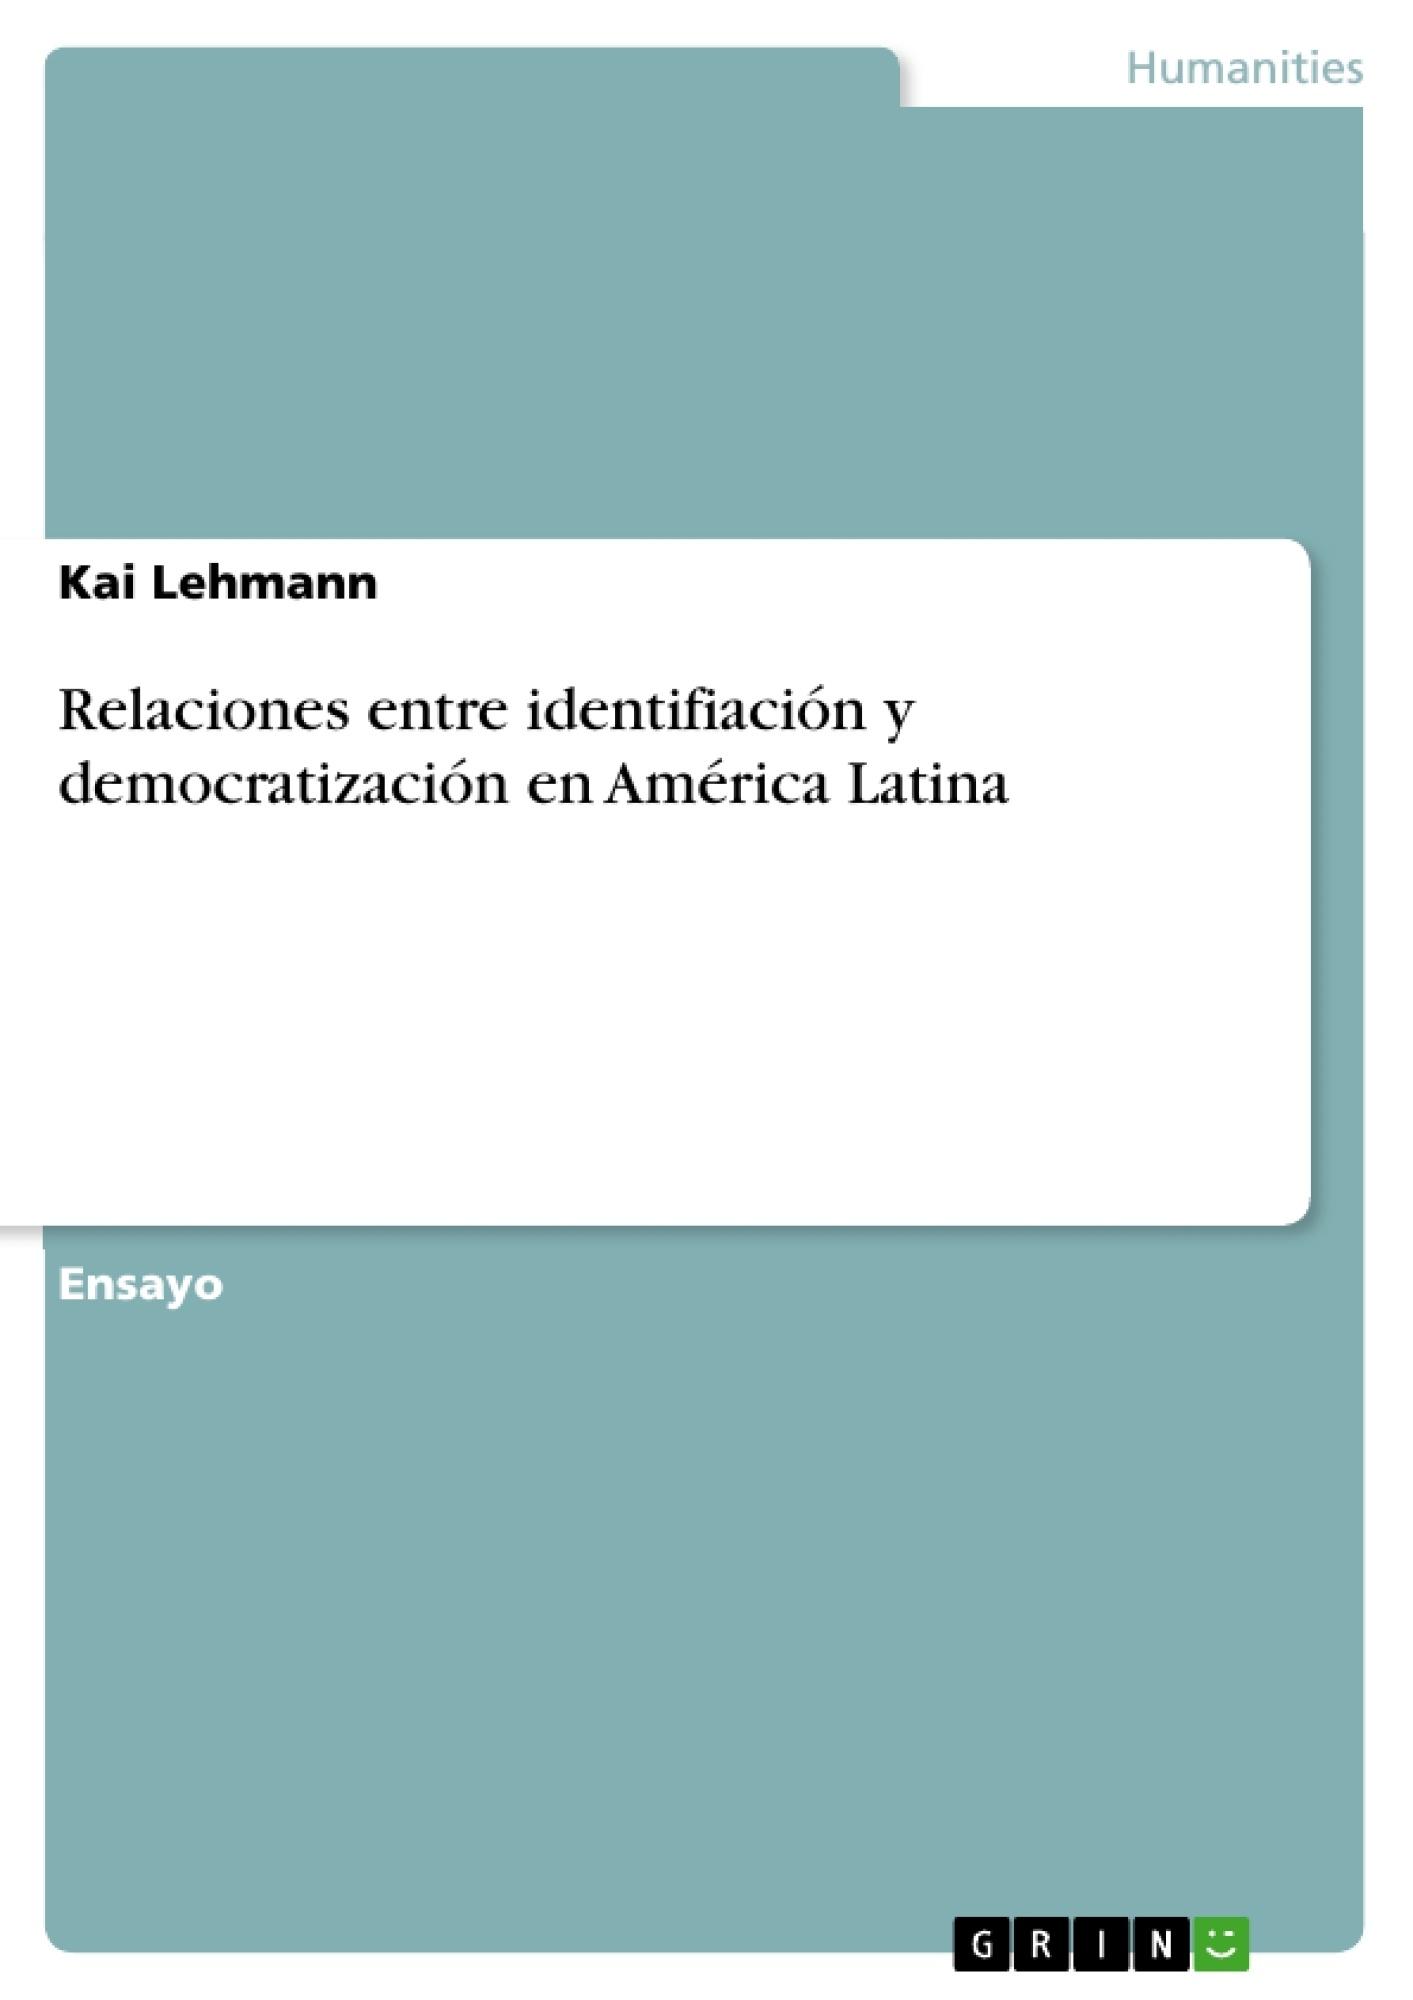 Título: Relaciones entre identifiación y democratización en América Latina